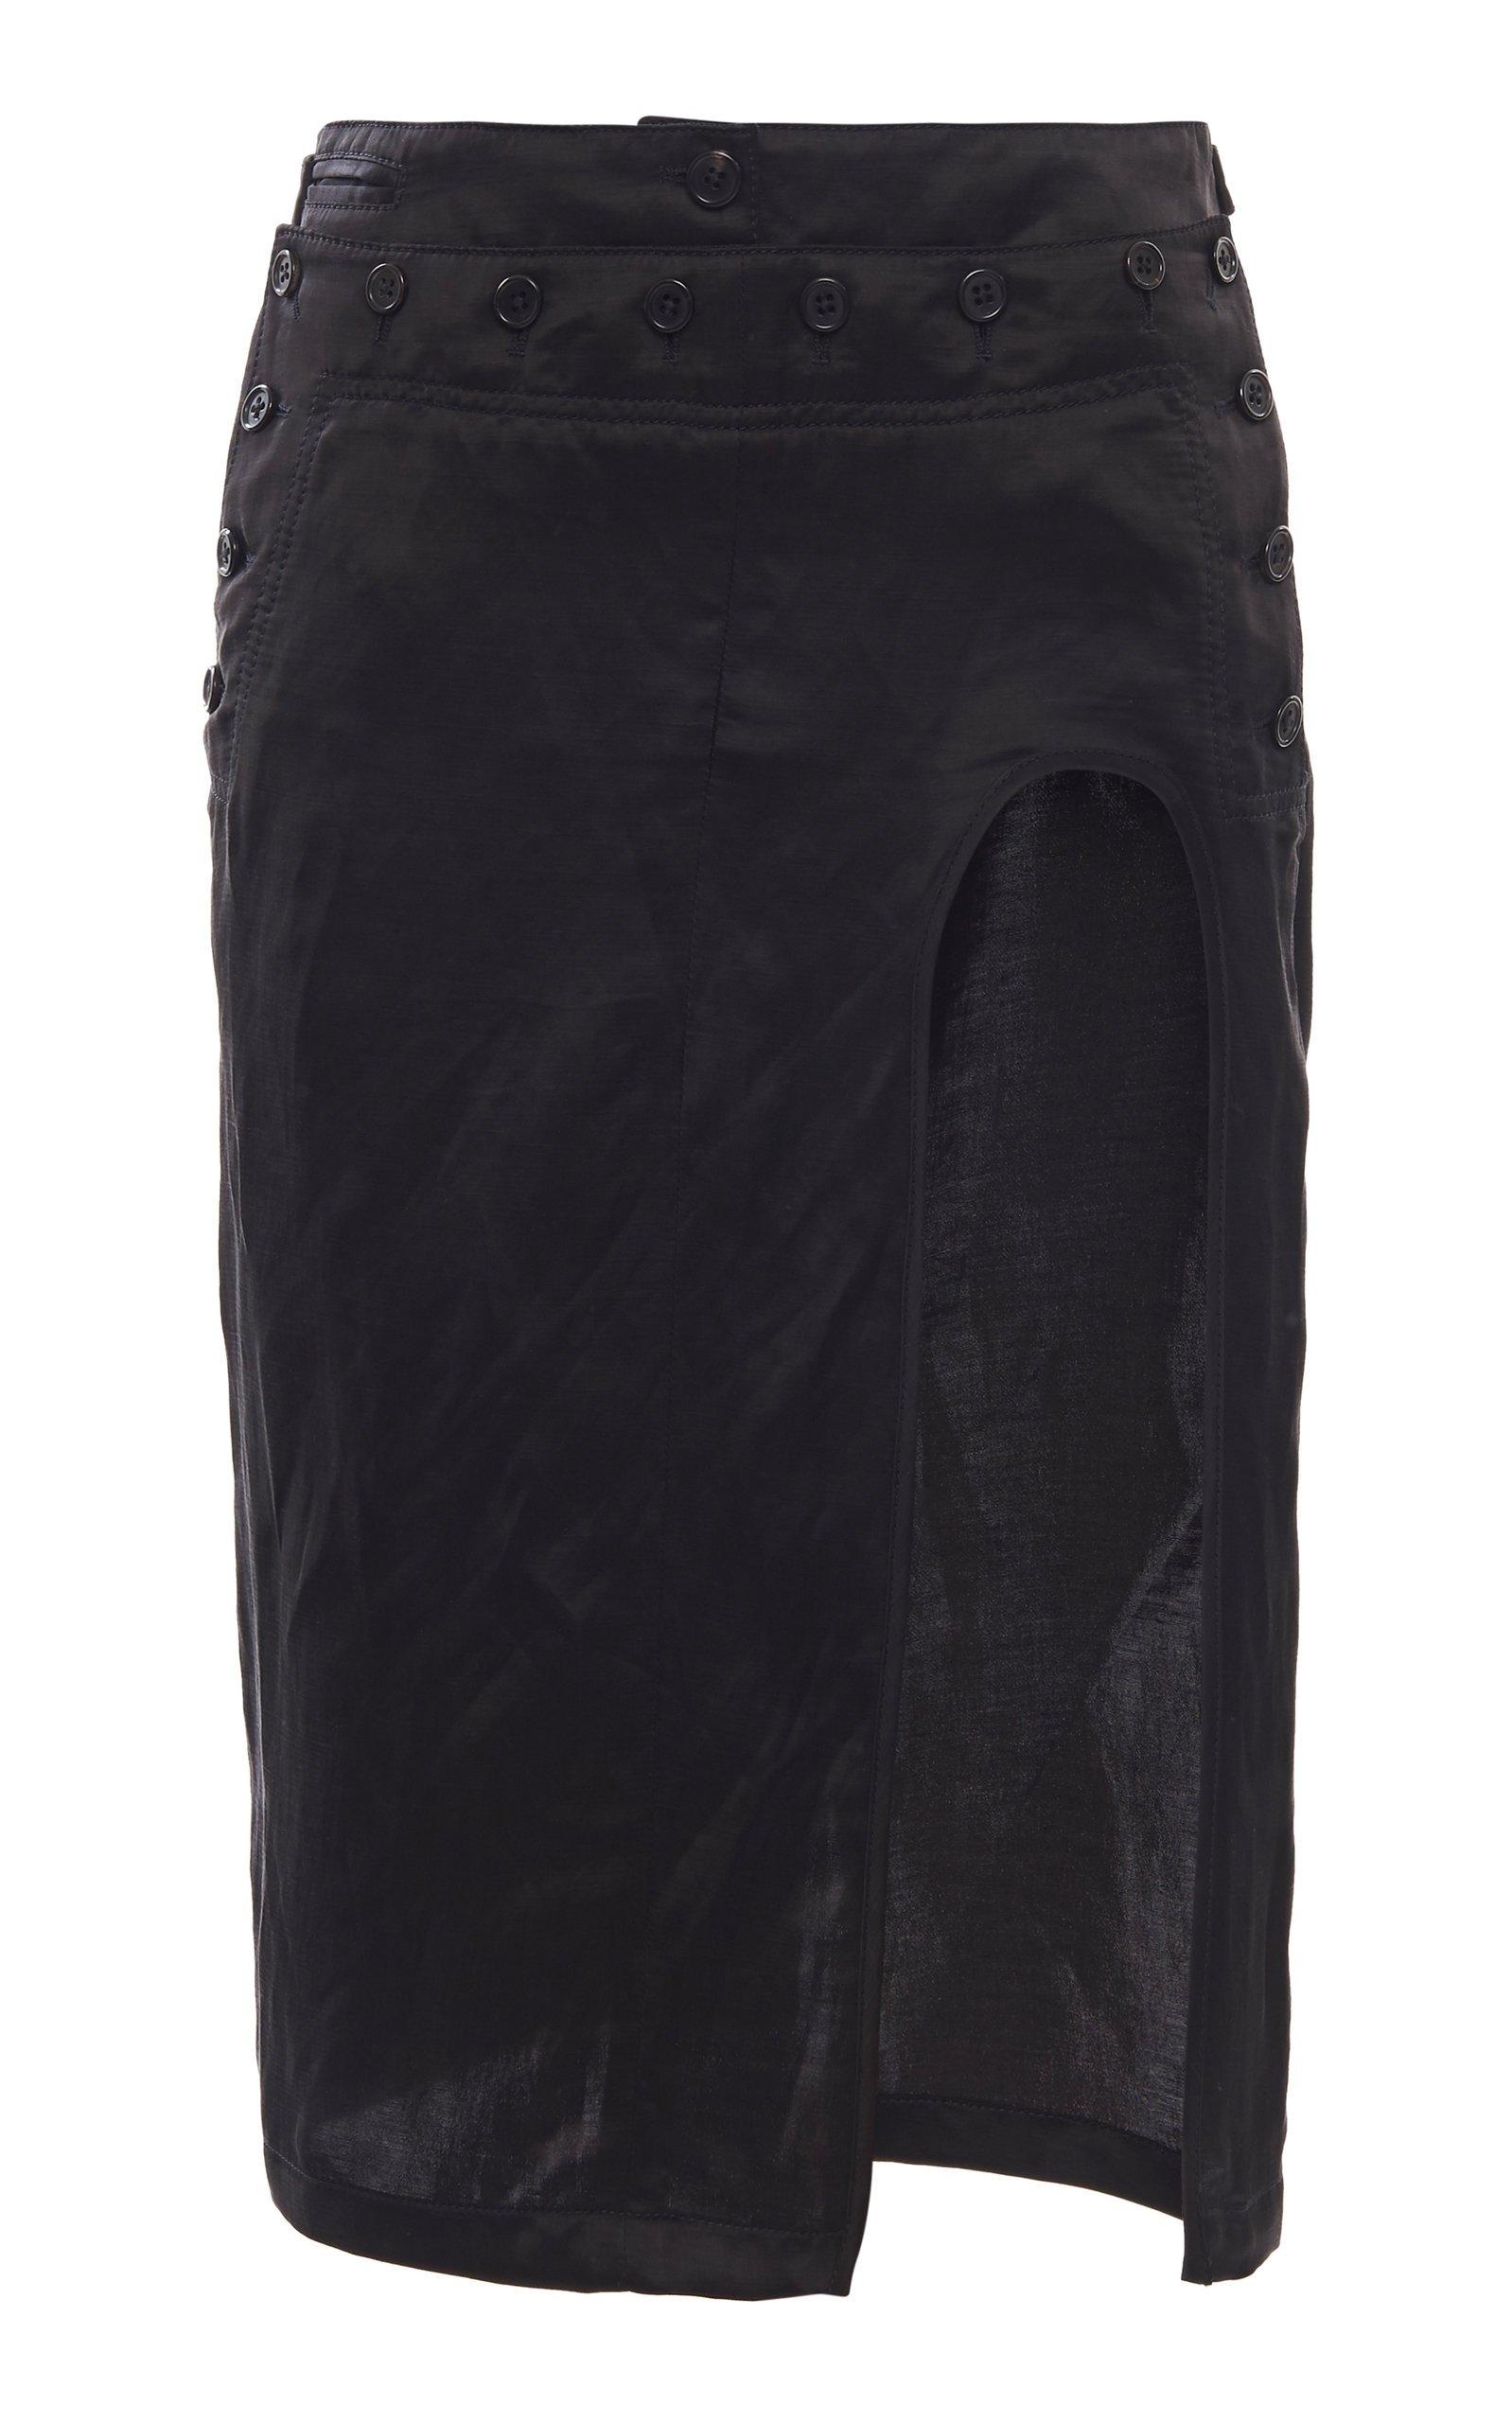 Ann Demeulemeester Cutout Satin Skirt Size: 40